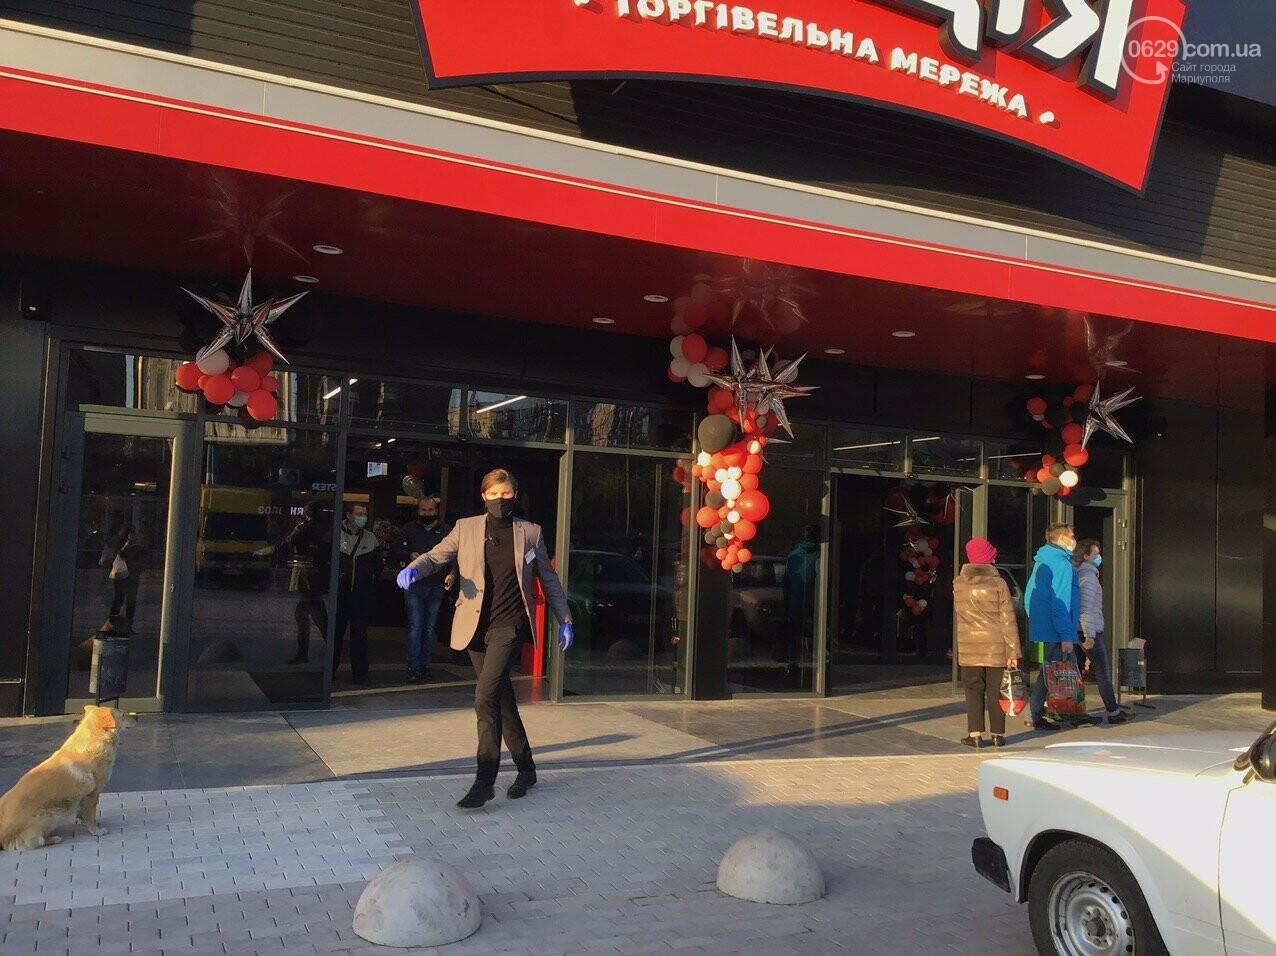 Скандальный супермаркет в Мариуполе возобновил свою работу после отъезда полиции, - ФОТО, фото-6